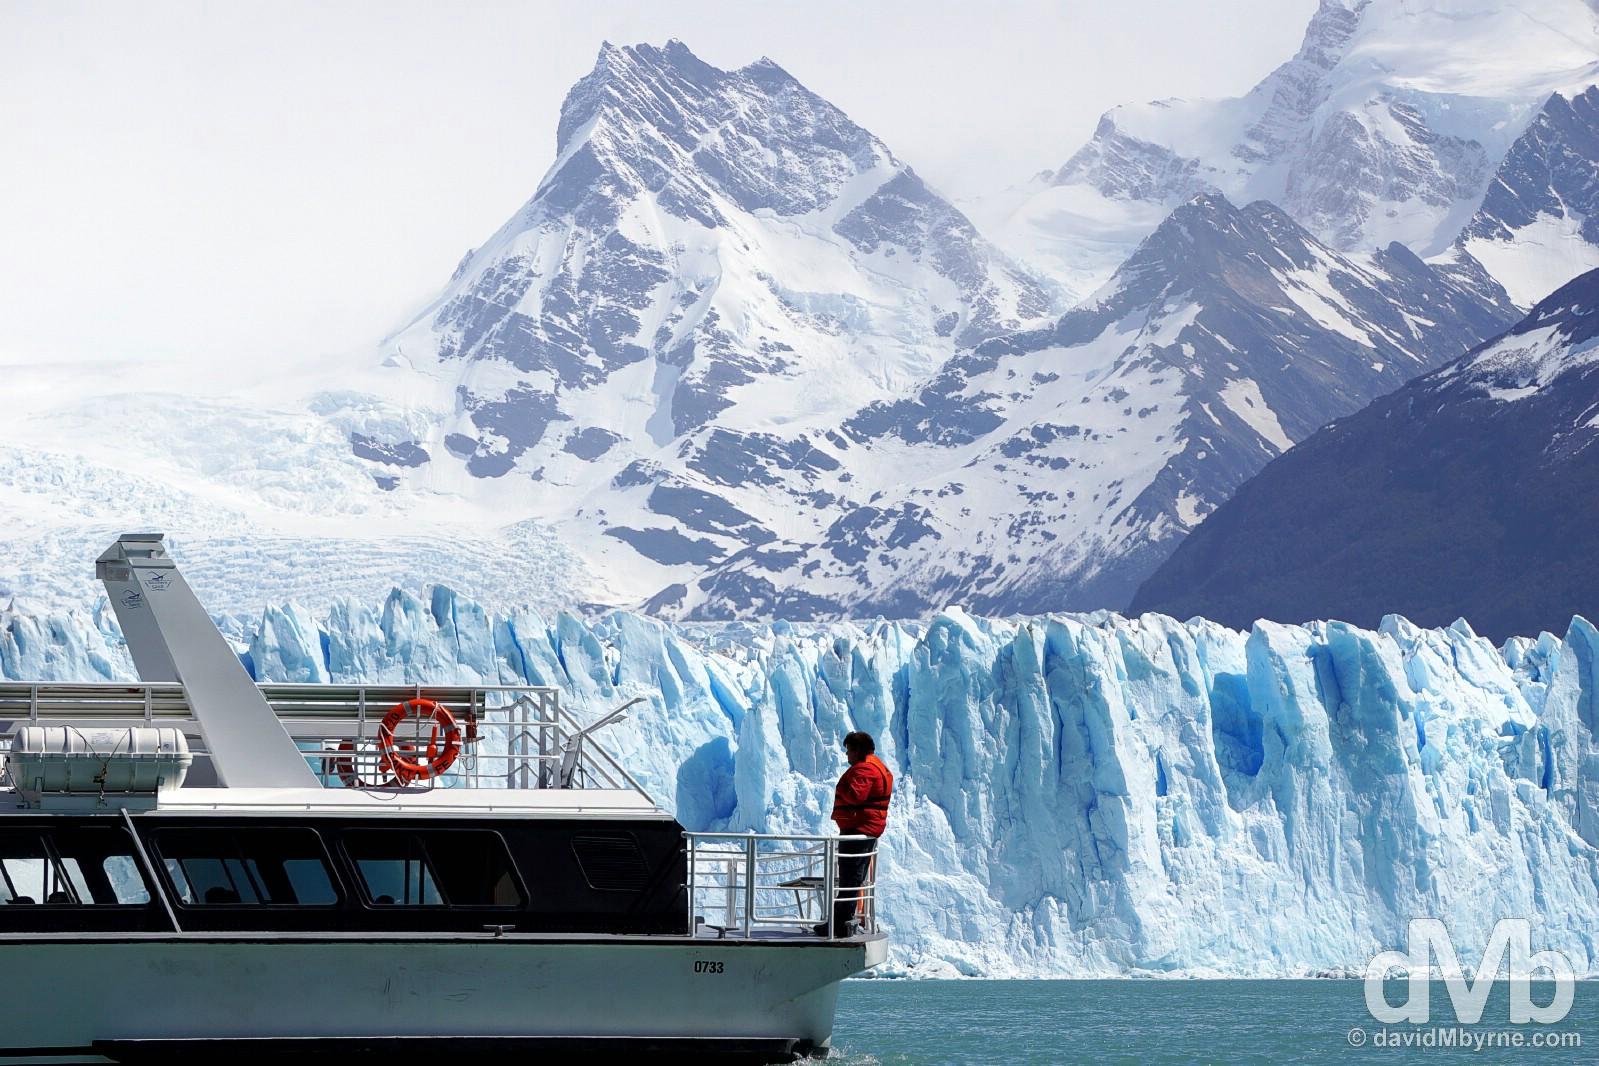 Boating on Lago Argentino in view of the Perito Moreno Glacier in Parque Nacional Los Glaciares, Patagonia, Argentina. November 2, 2015.